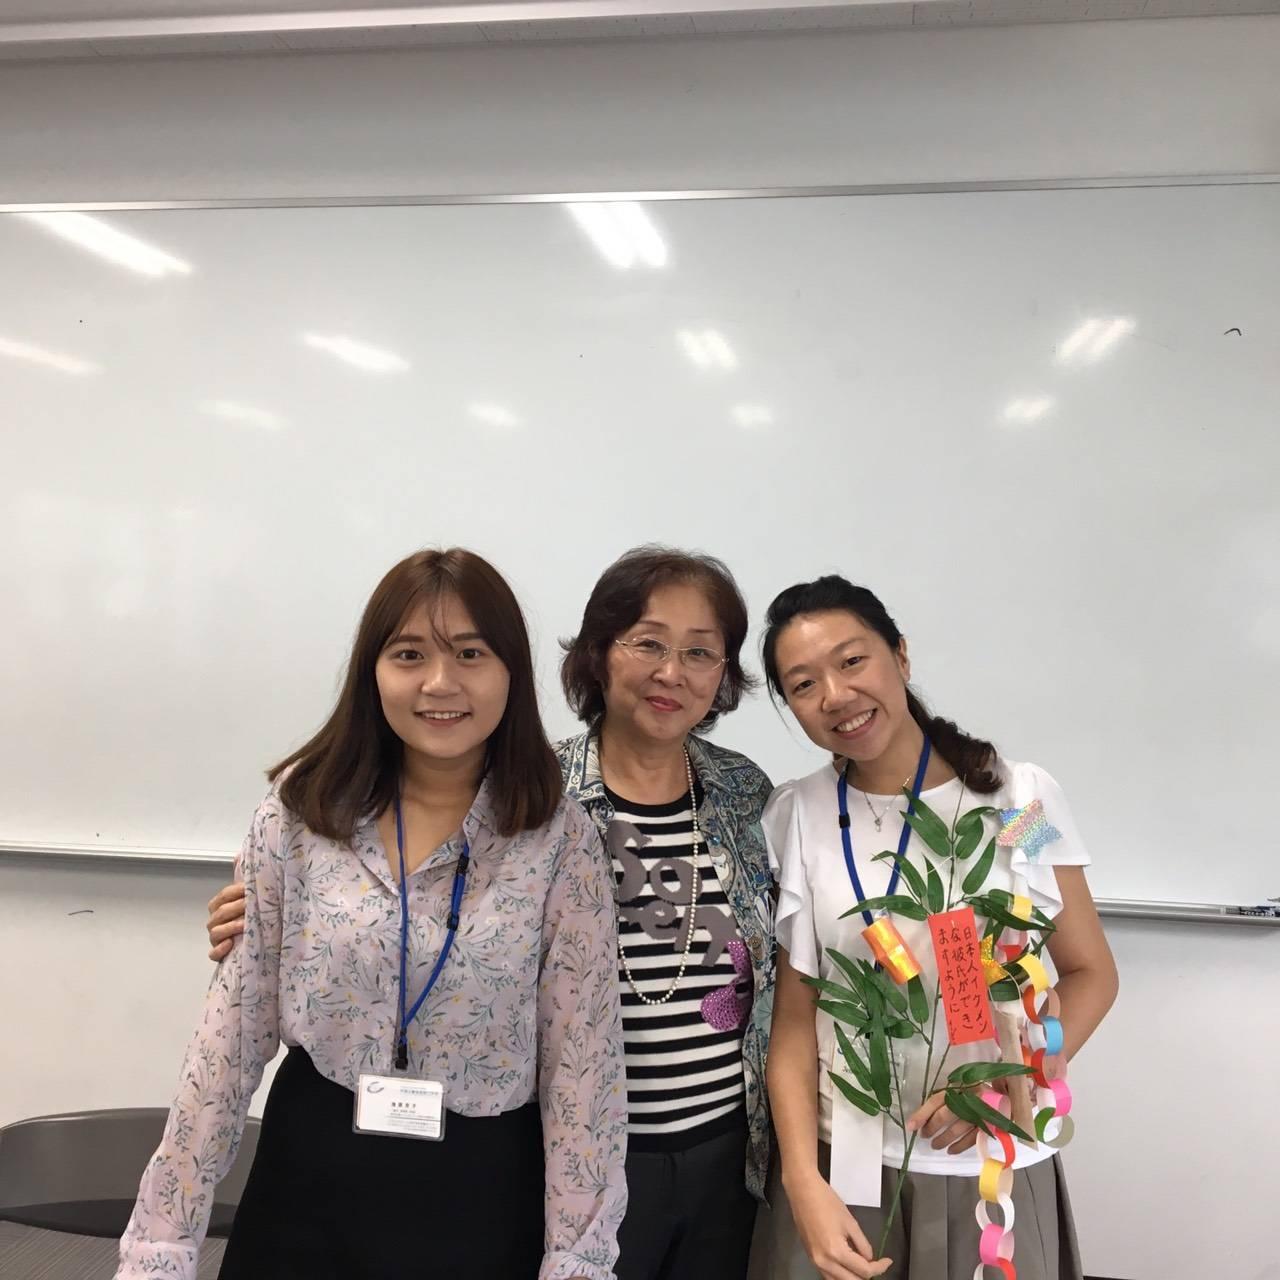 實習學向日本學員介紹文藻校園環境